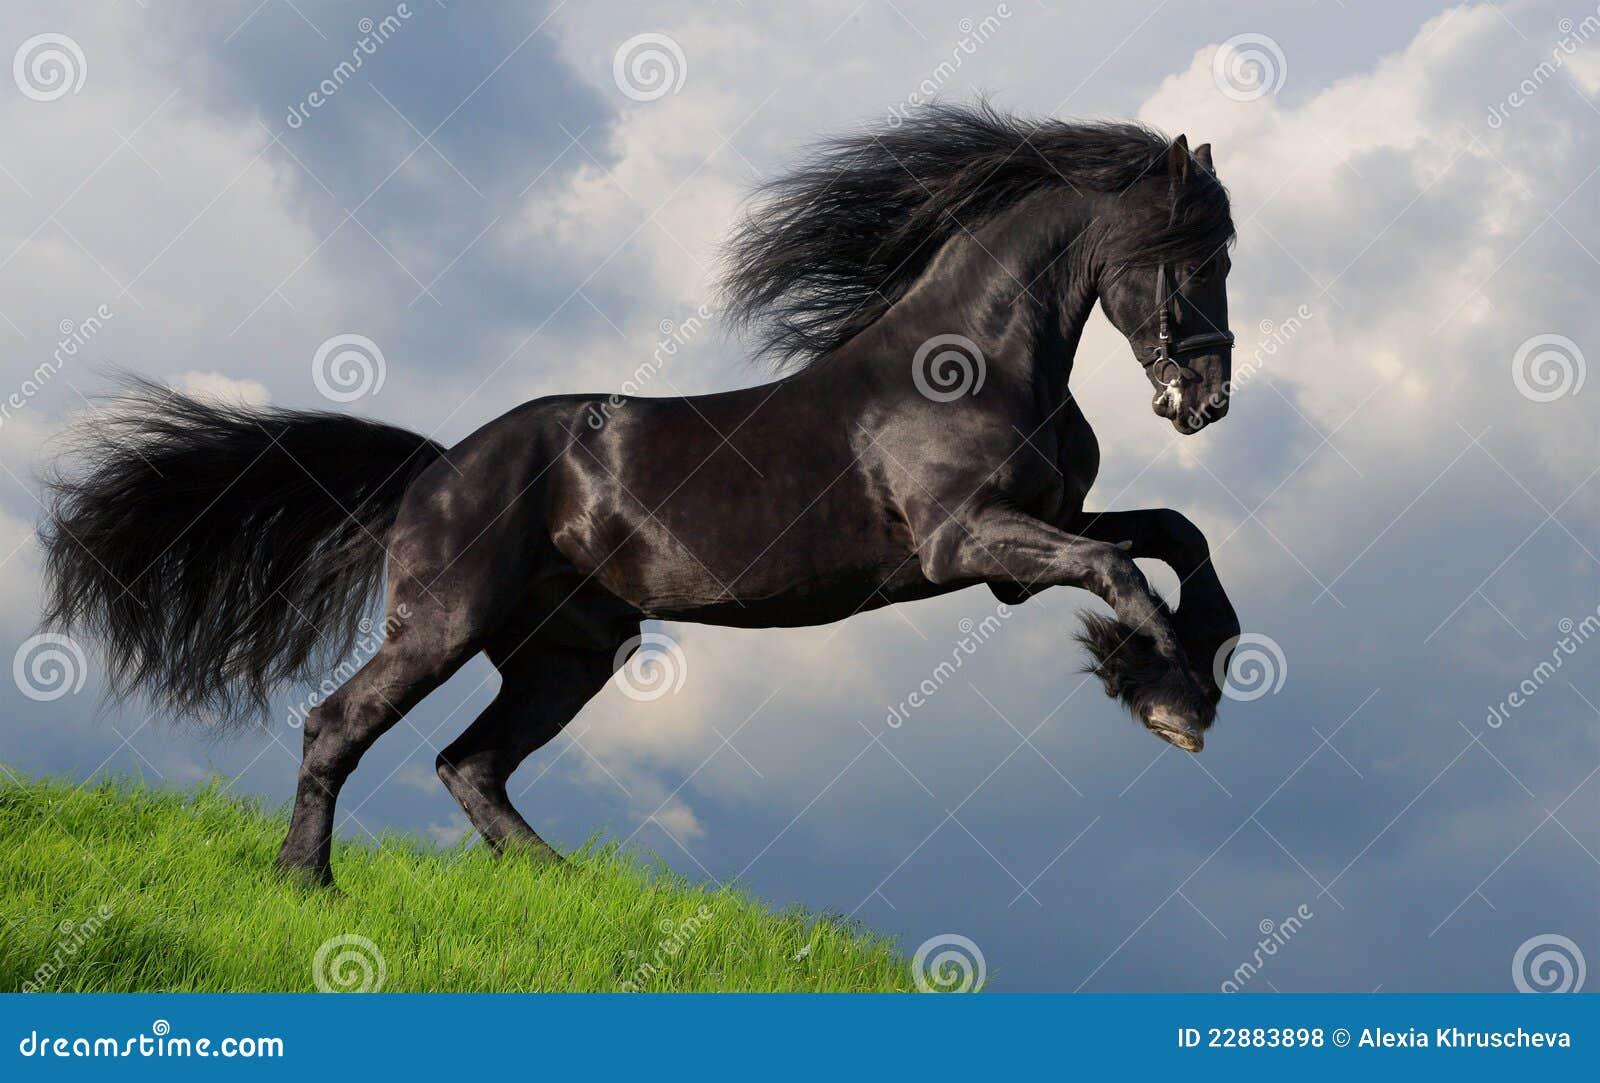 Galope frisio del caballo